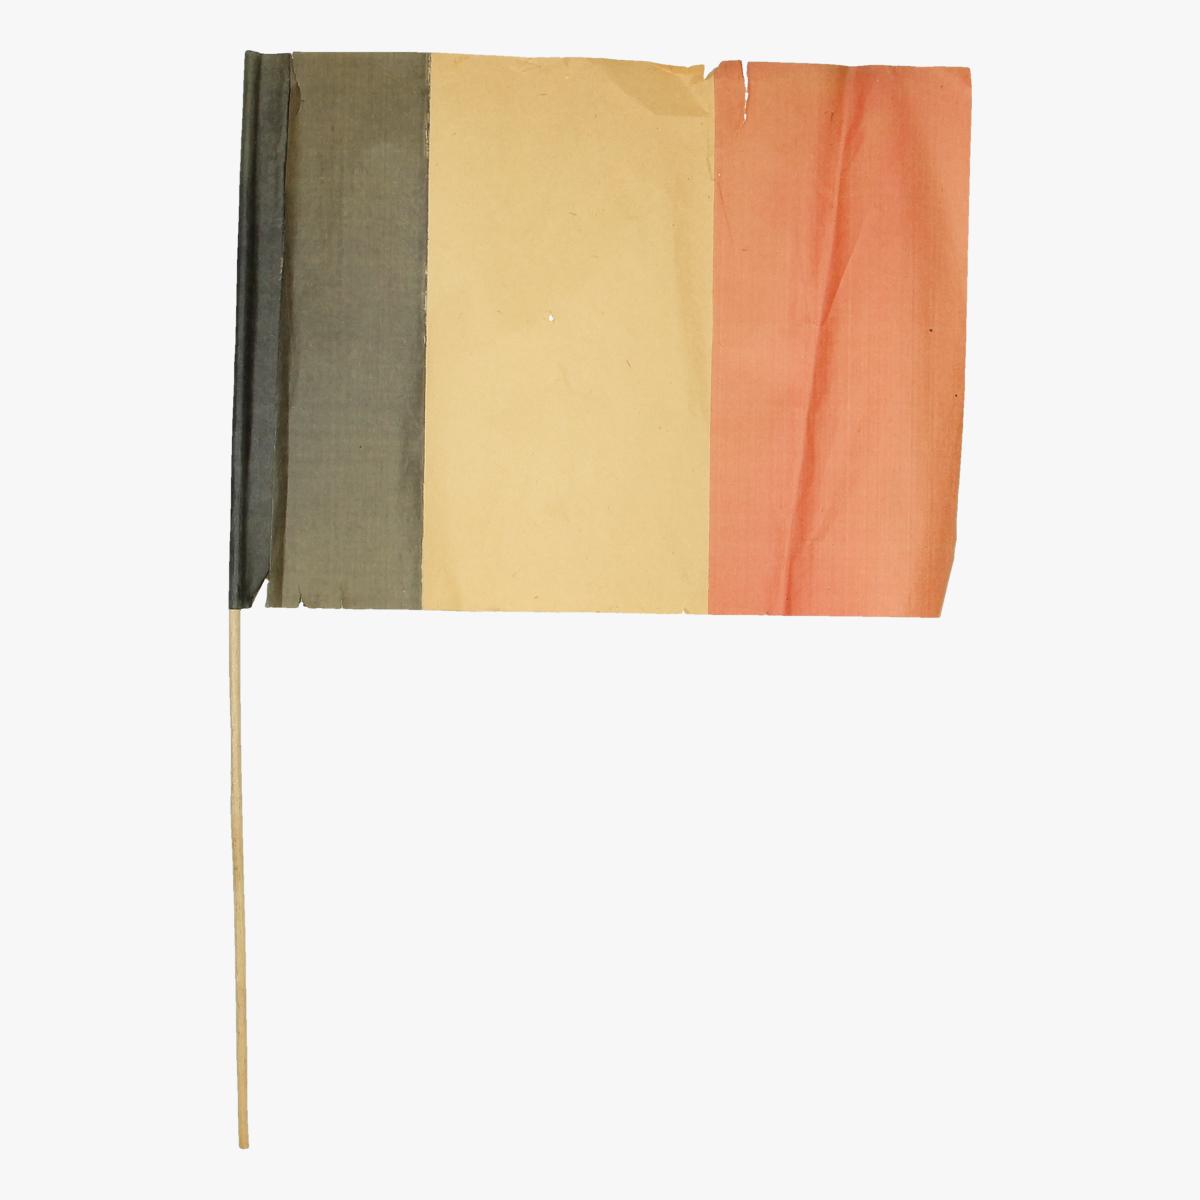 Afbeeldingen van expo 58 papieren belgische vlag